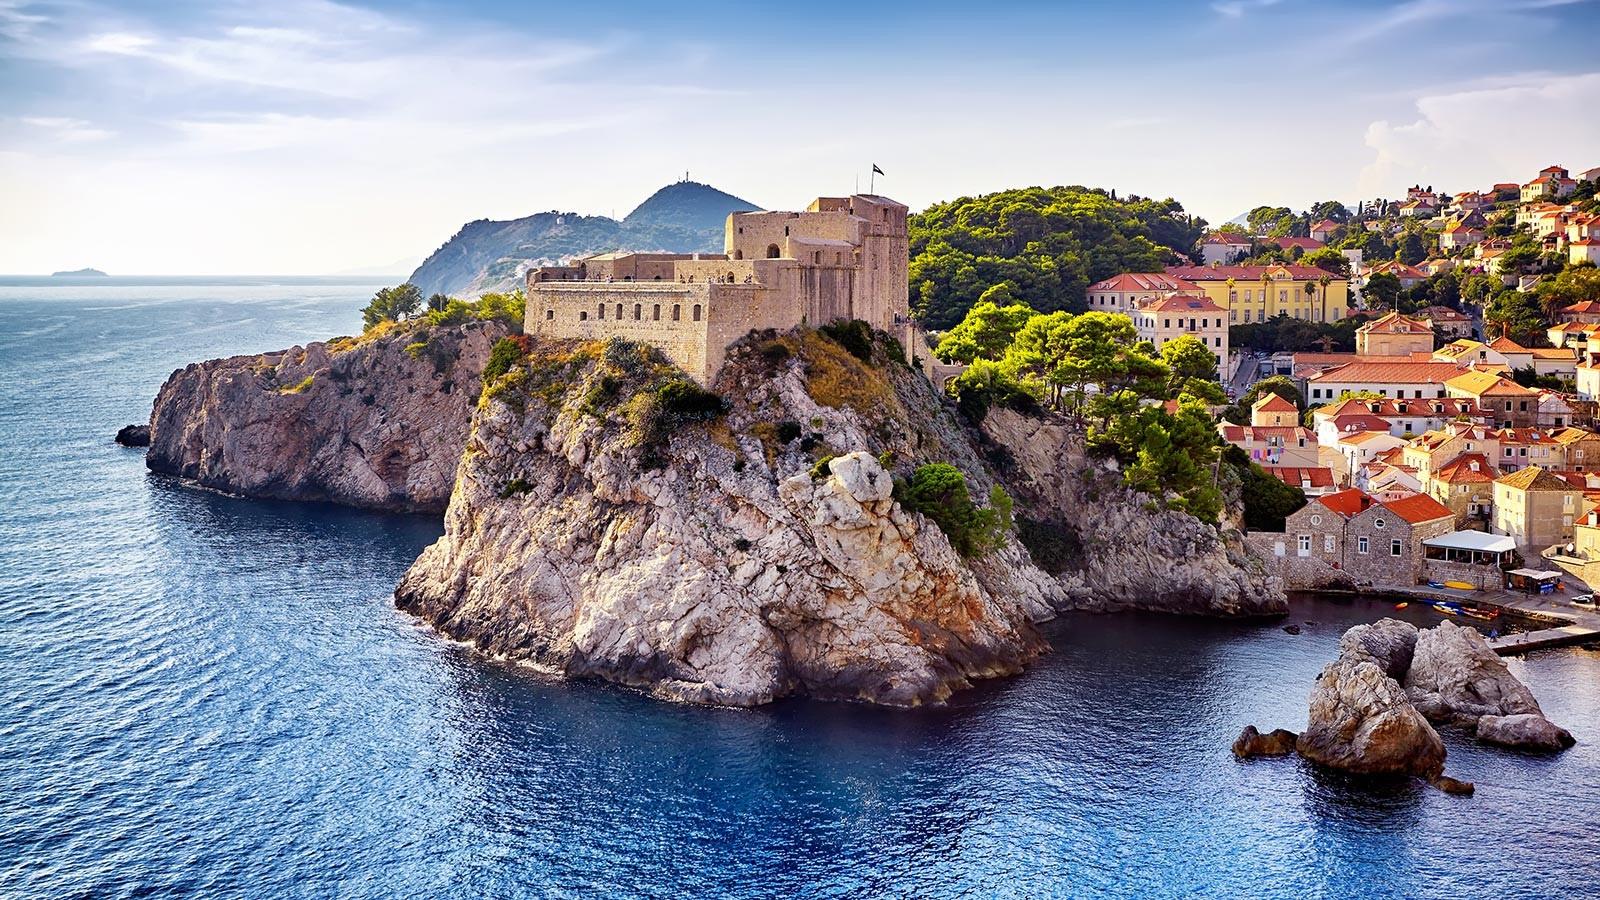 Idee per le vacanze: ecco i luoghi in cui hanno girato Il Trono di Spade thumbnail